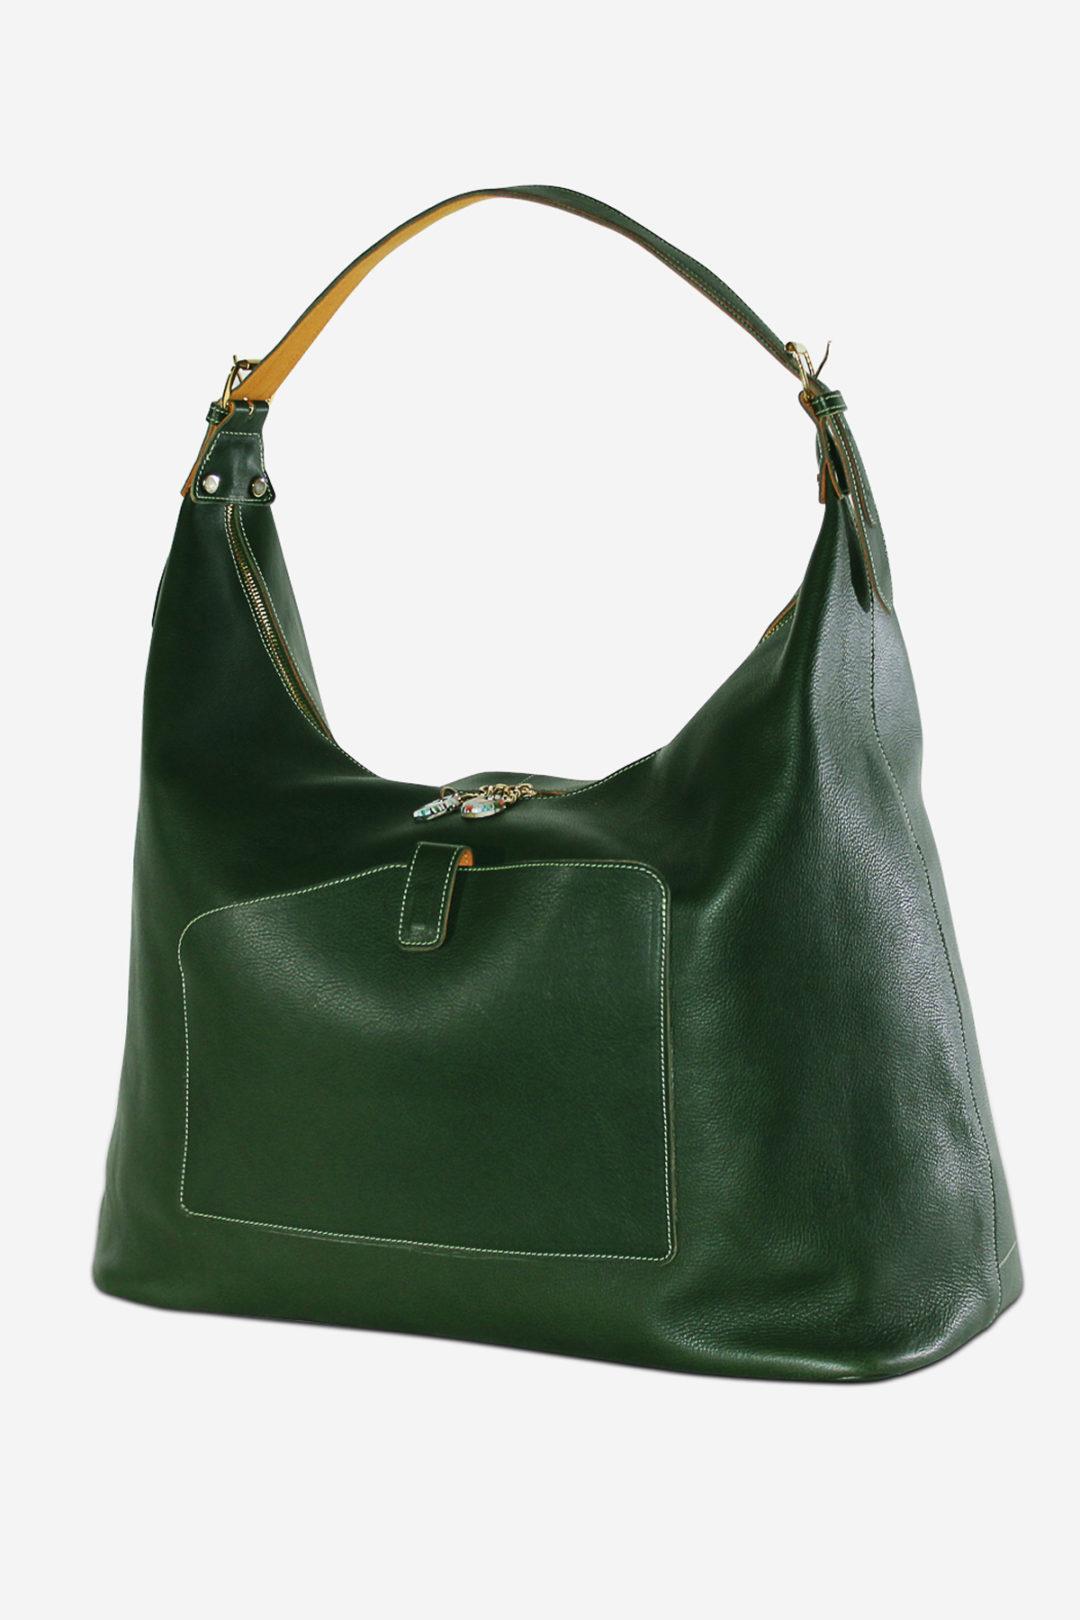 Polychrome Bag